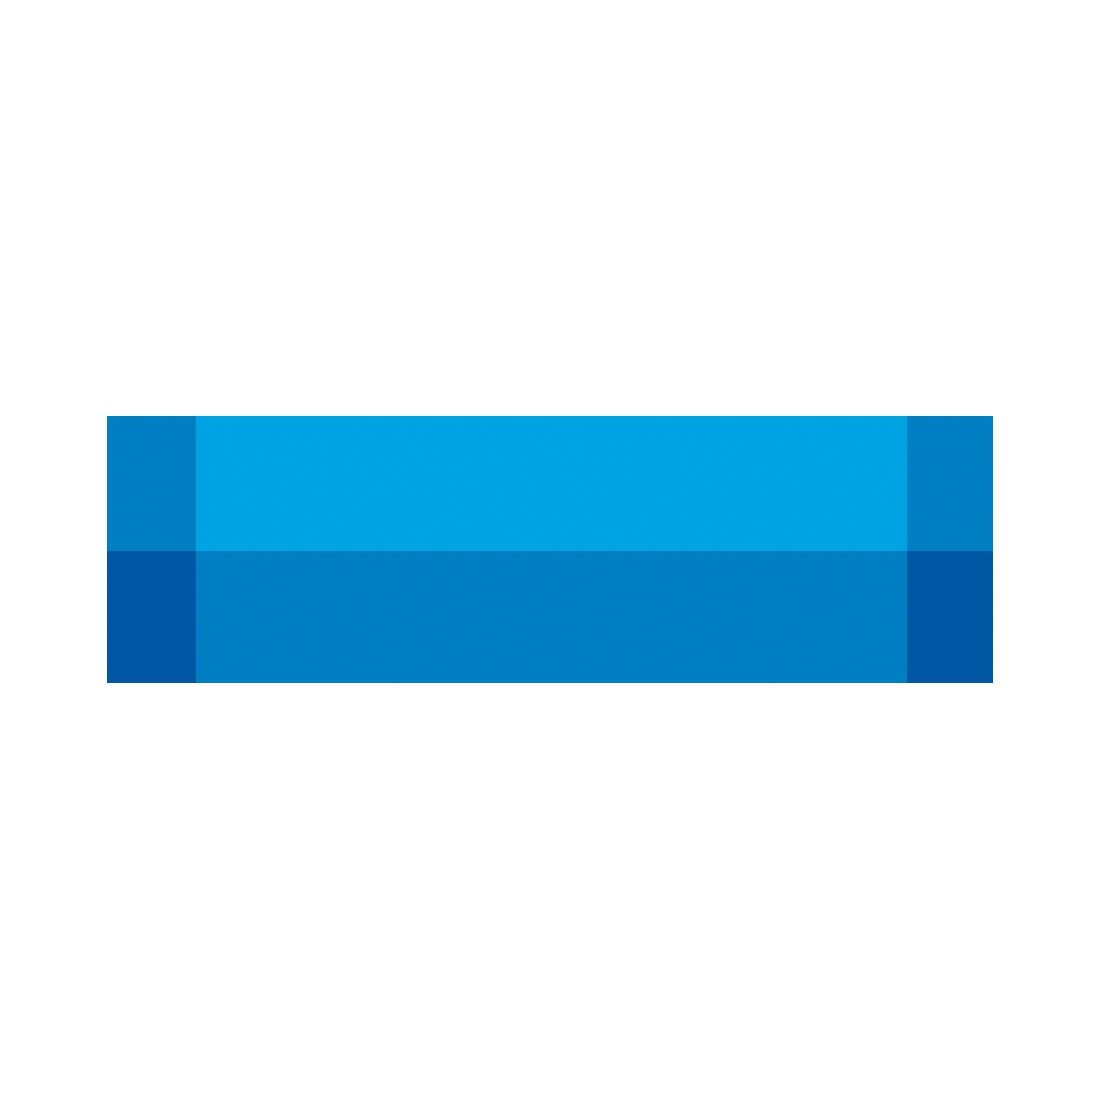 Tischläufer Zarah – blau, Contento online kaufen